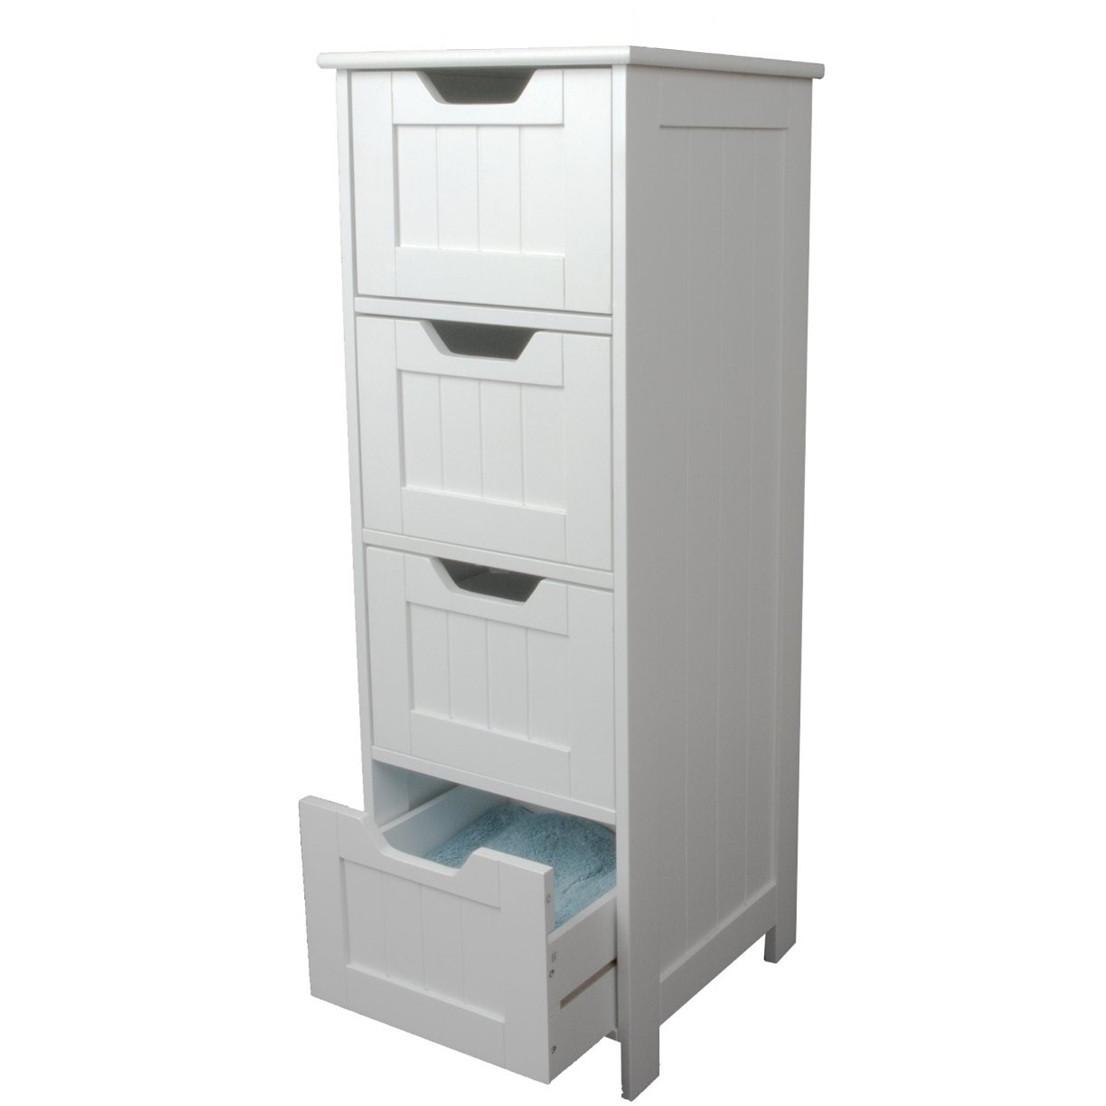 White Storage Cabinet. 4 Large Drawers